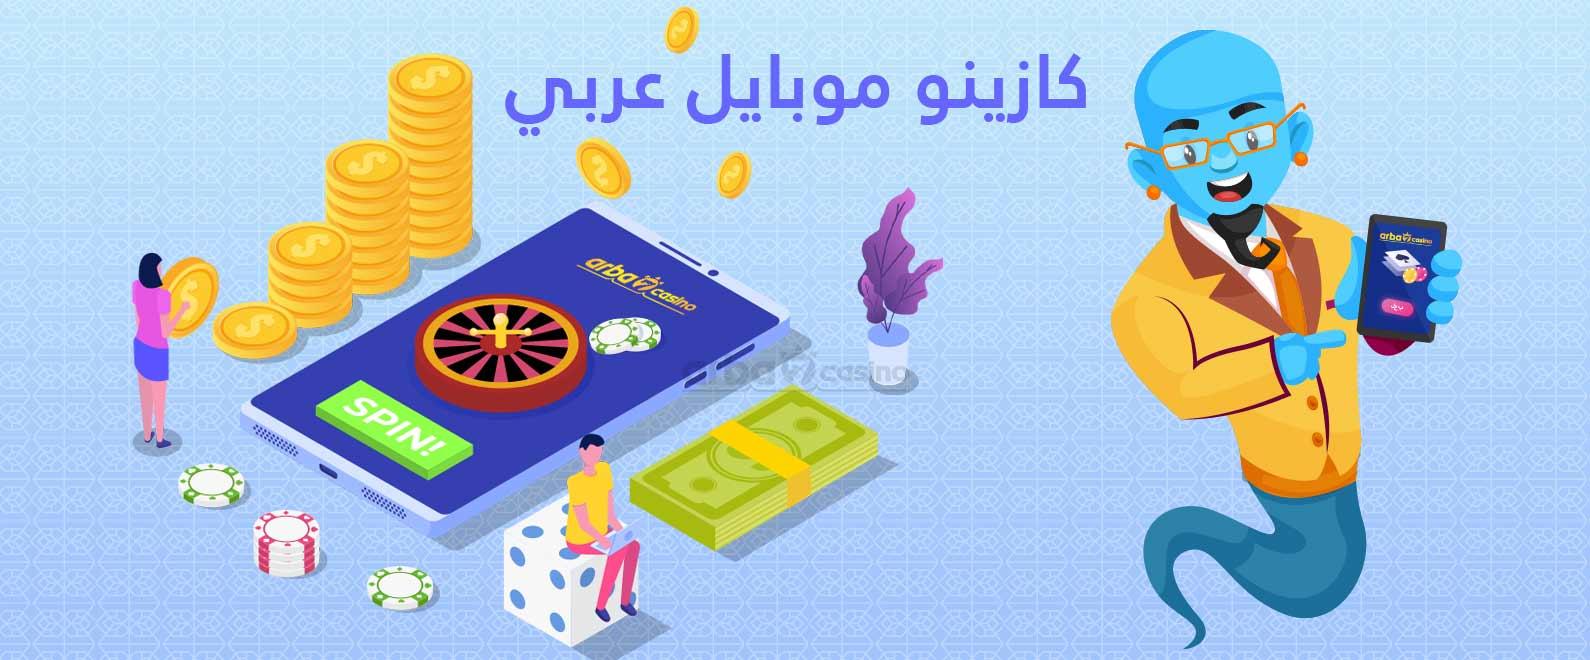 كازينو موبايل عربي